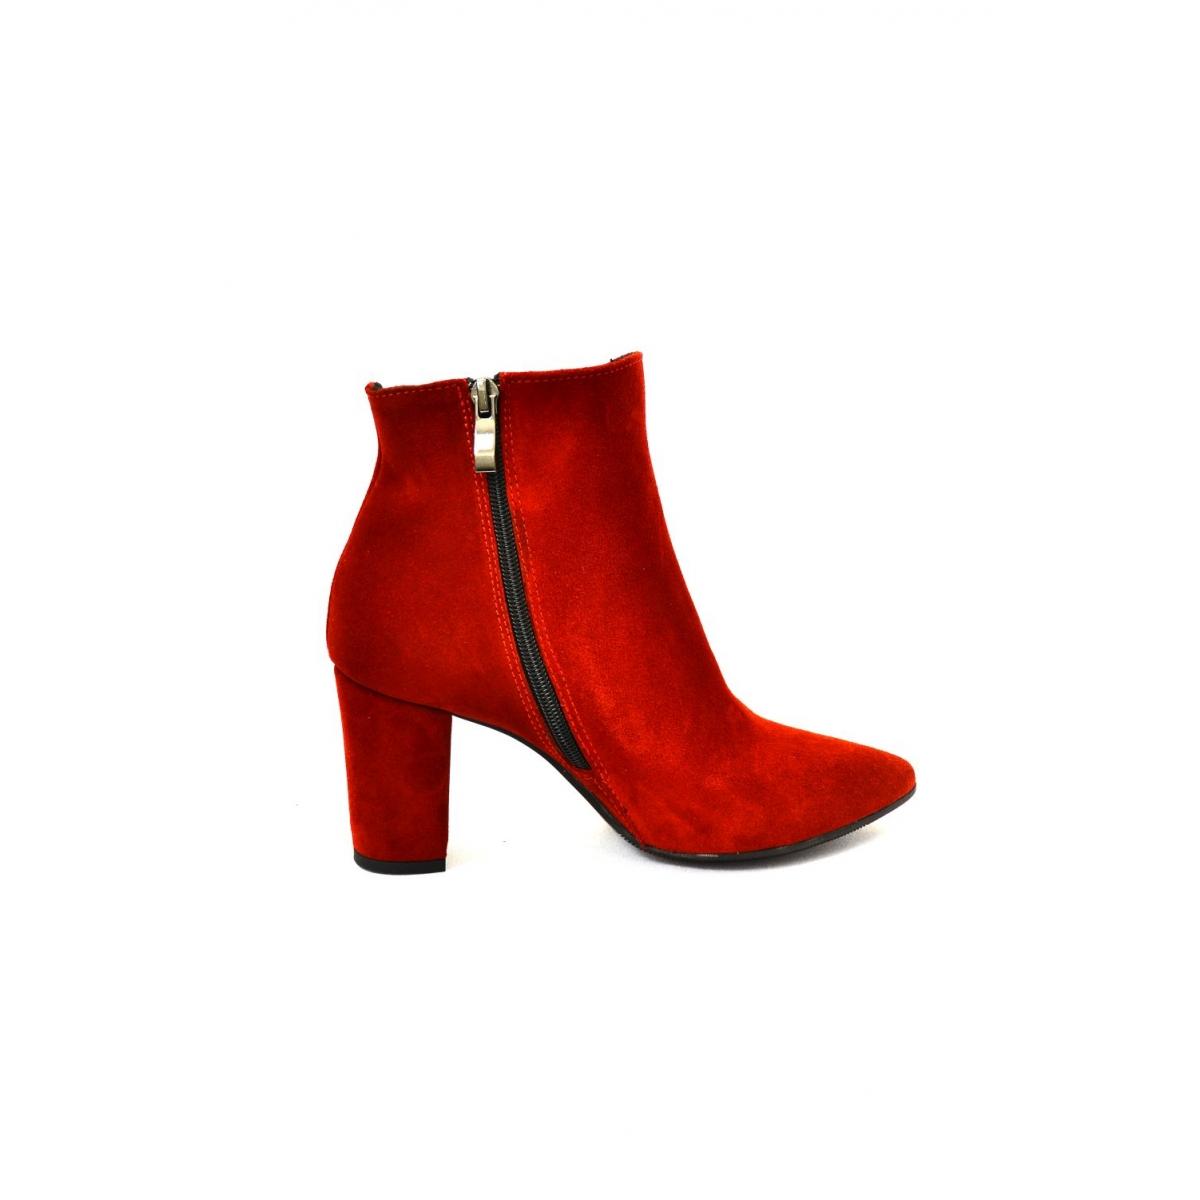 882a4d951 Dámske červené kožené členkové čižmy SIRIN | Johnc.sk